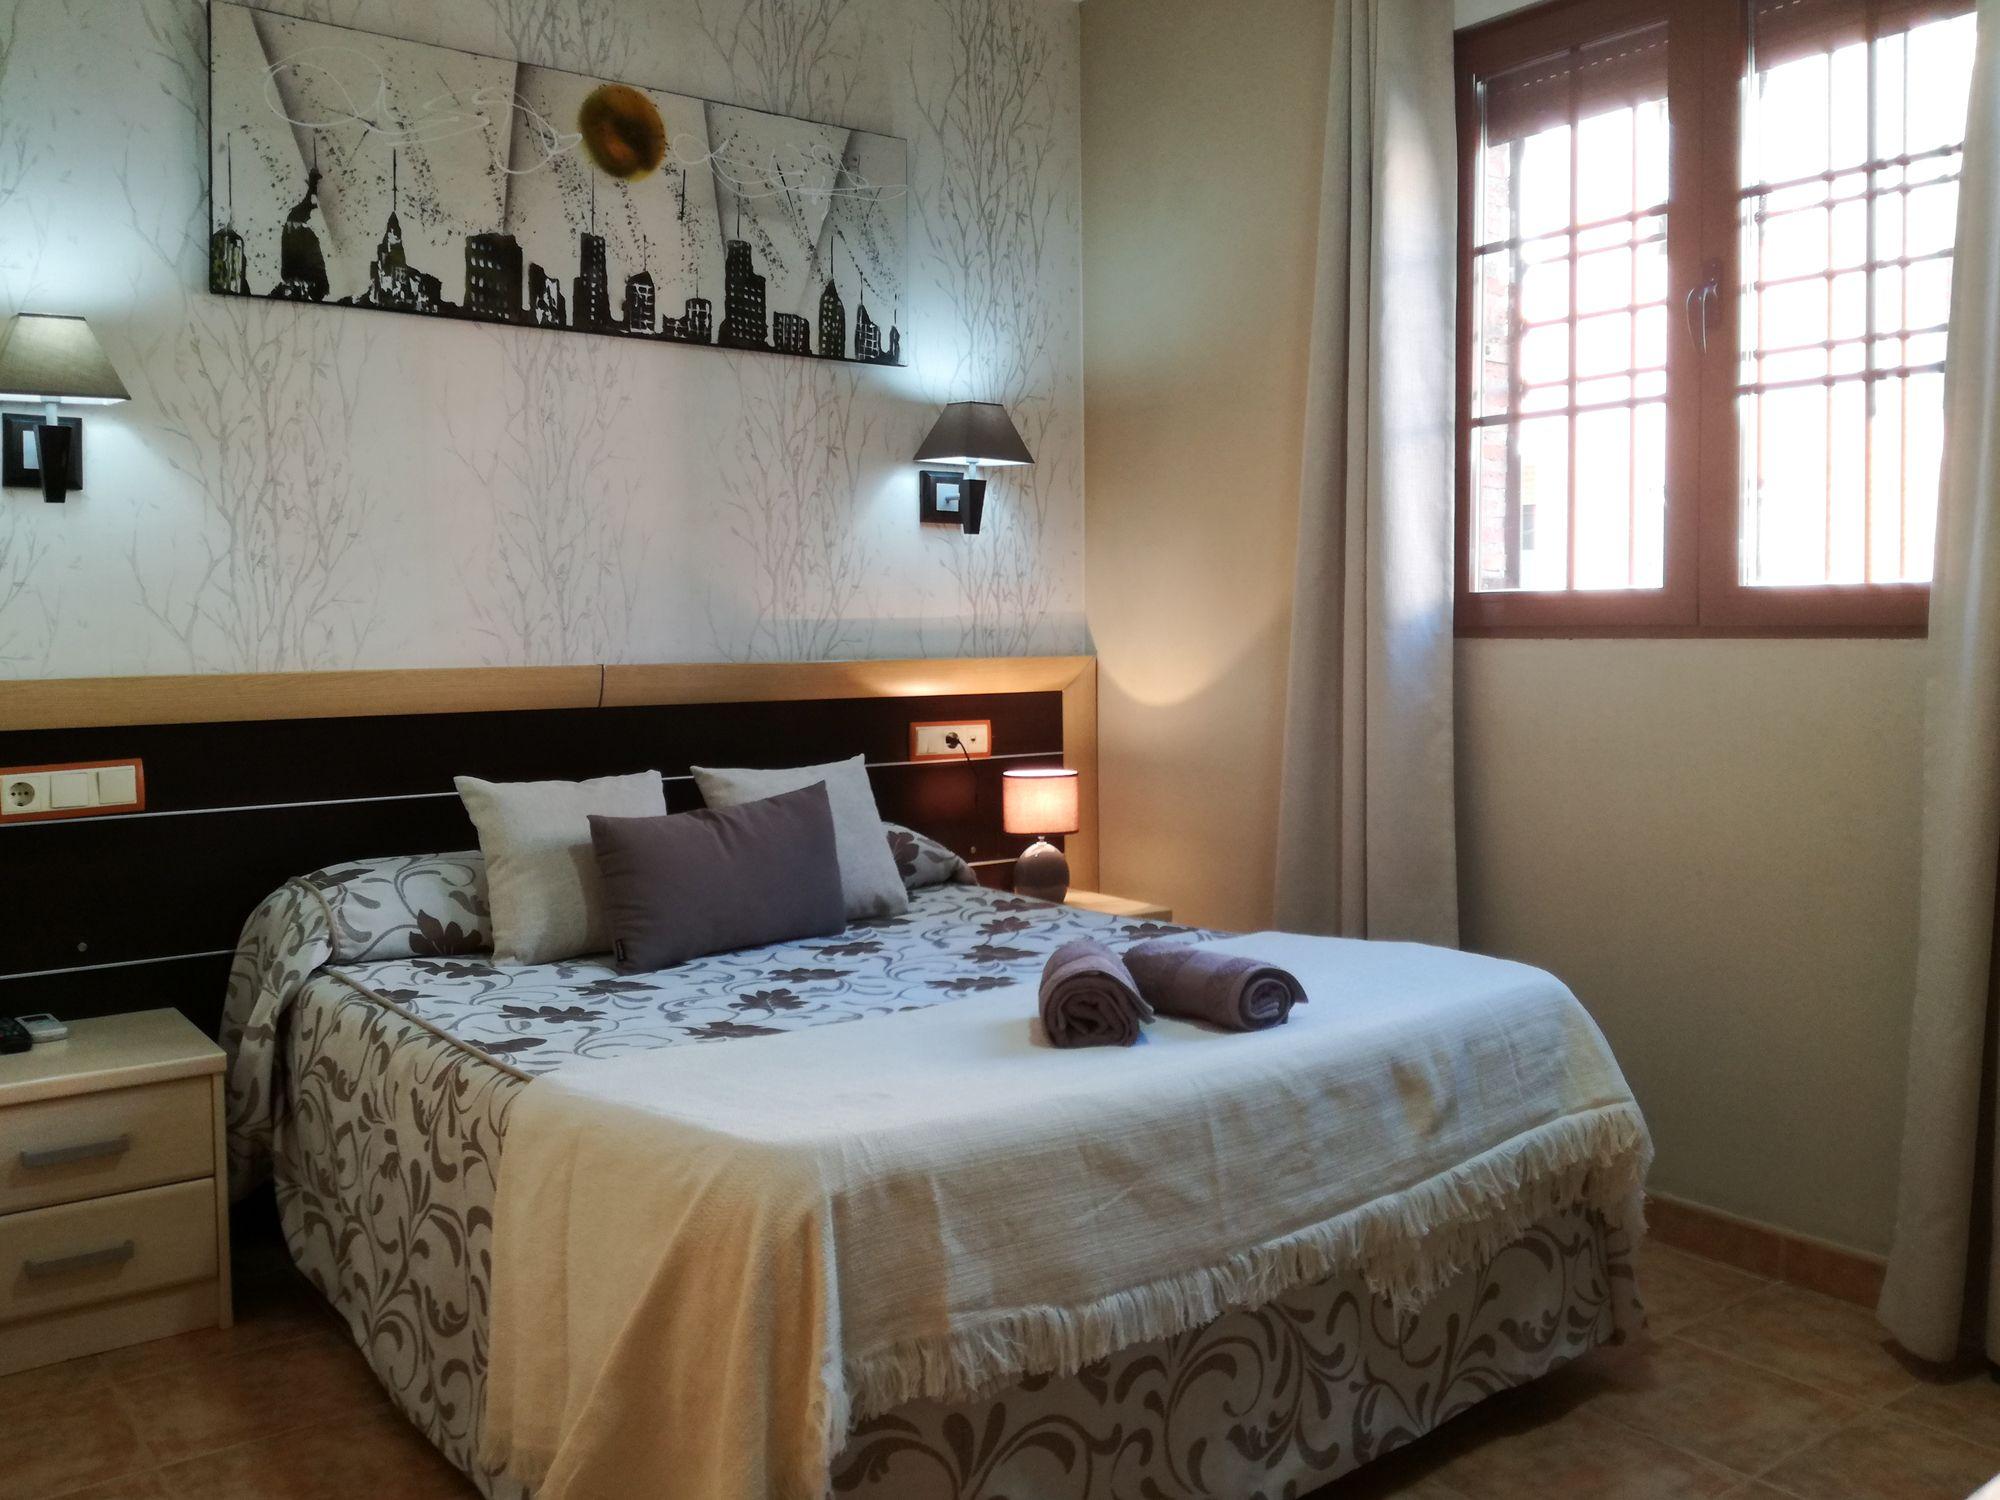 Foto 2 de Hoteles y alojamientos rurales en San Martín de la Vega | Hostal Avenidas